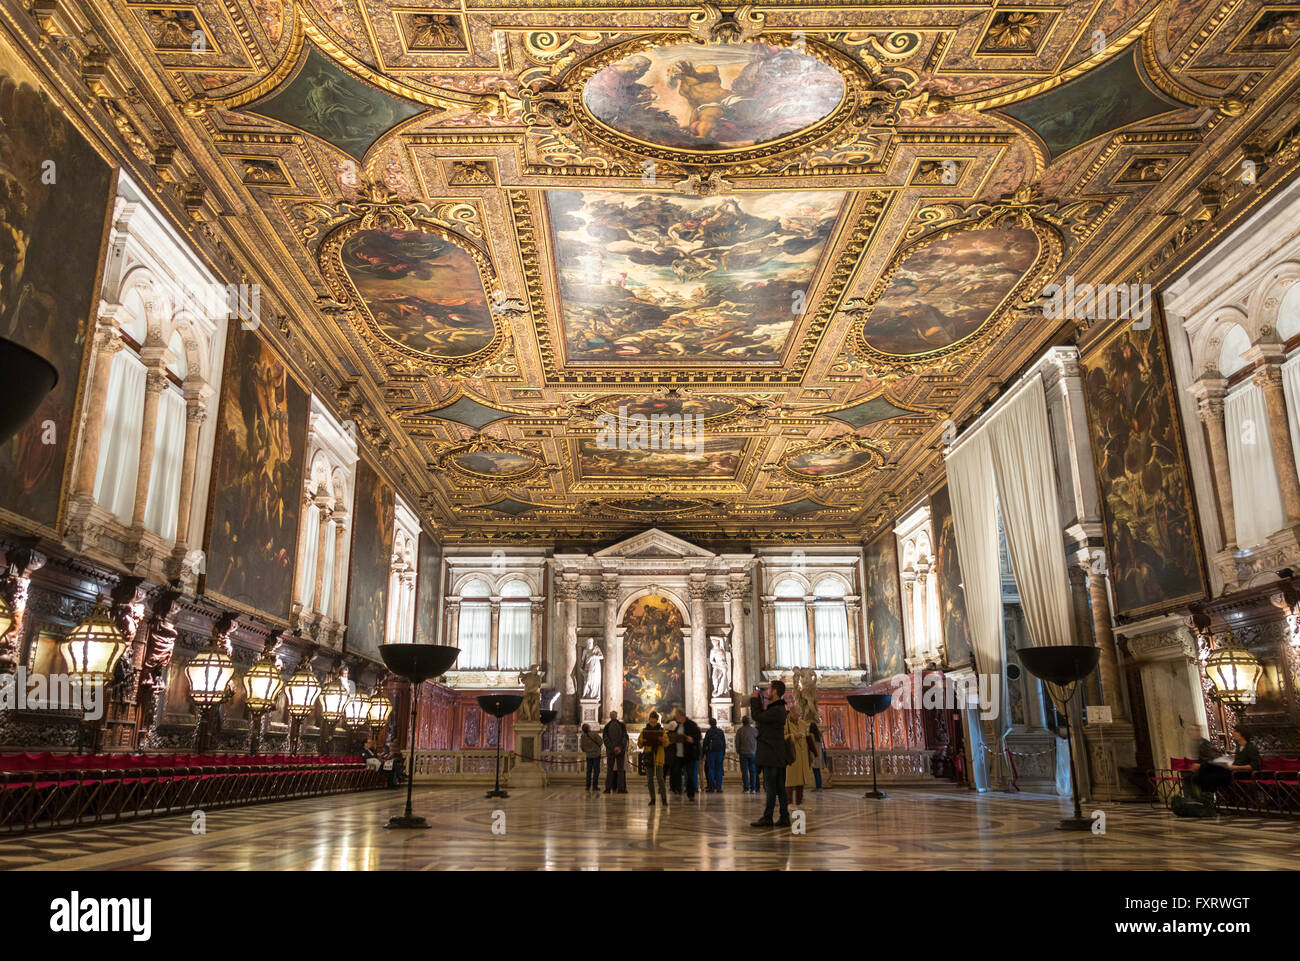 Venecia, la Scuola Grande di San Rocco, Sala Superiore - vestíbulo superior interior decorado de Tintoretto. Imagen De Stock